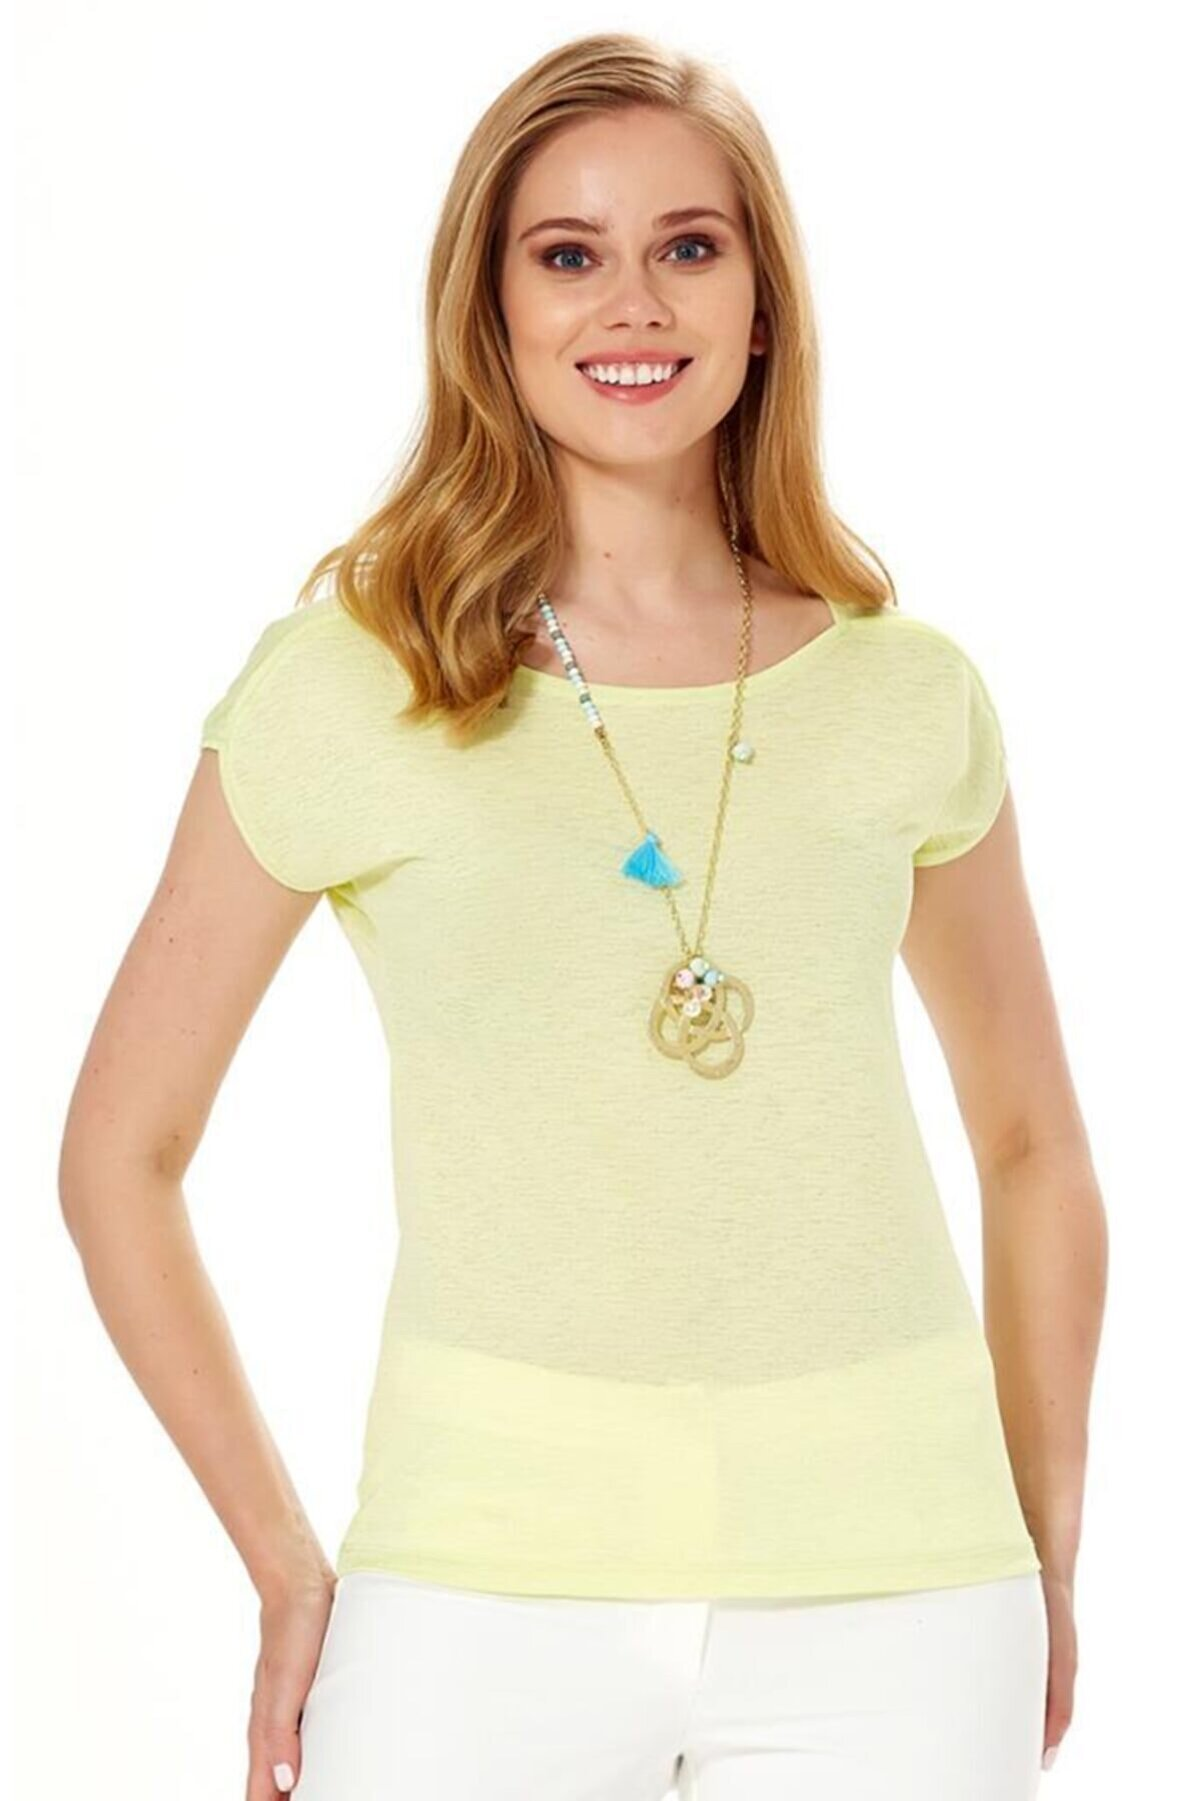 İkiler Kadın Açık Fıstık Yeşil Düşük Kol Omuzu Biyeli Bluz 018-1611